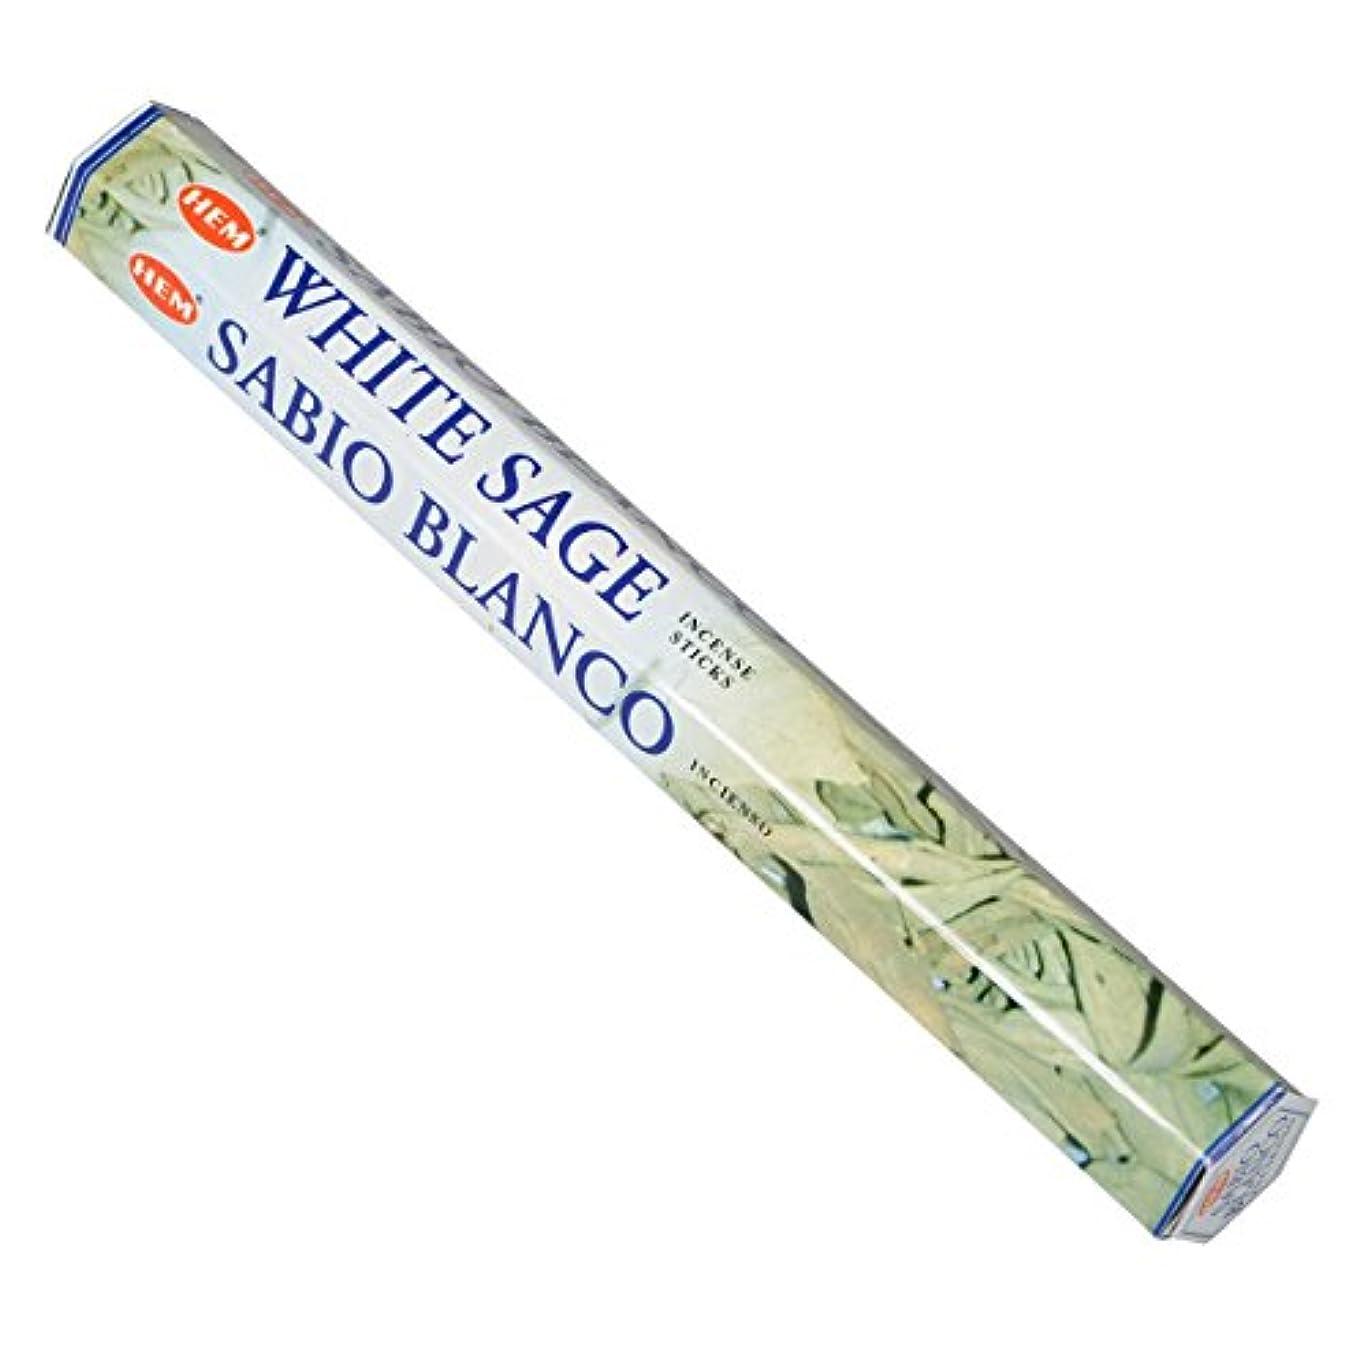 安定した分離生き残りHEM(ヘム) ホワイト セージ WHITE SAGE スティックタイプ お香 1筒 単品 [並行輸入品]